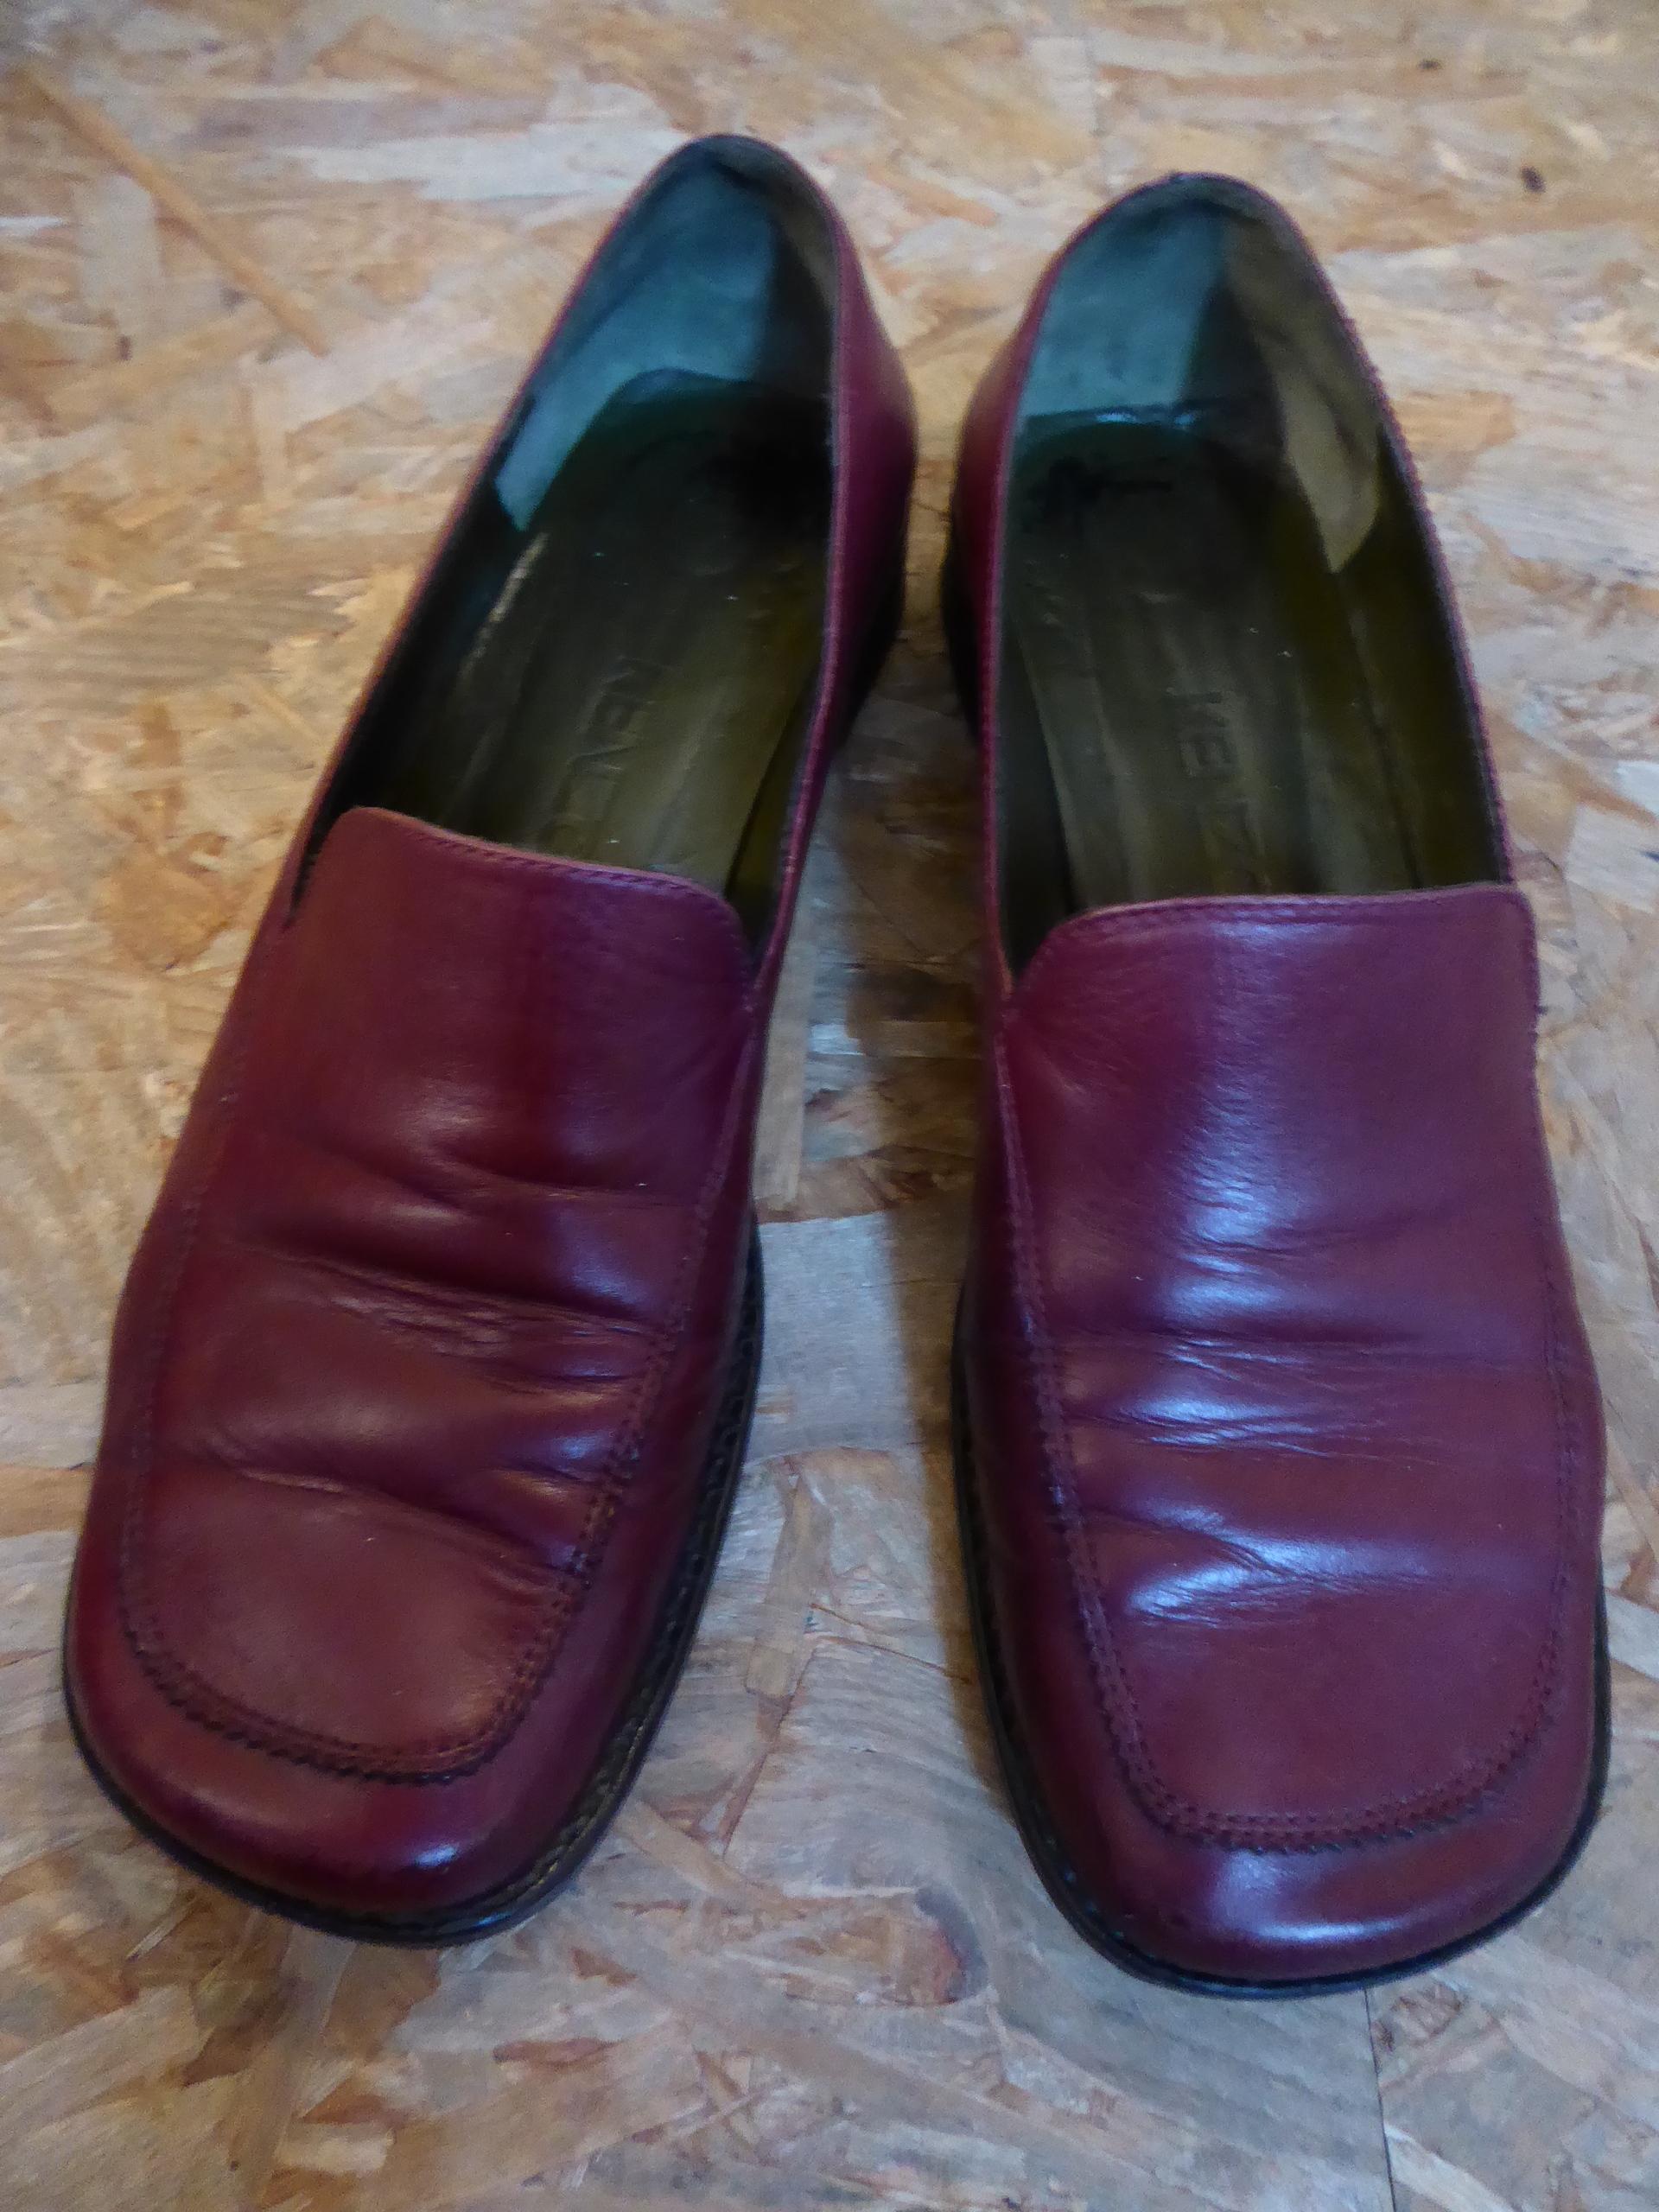 troc de troc chaussures kenzo femme 38 image 1